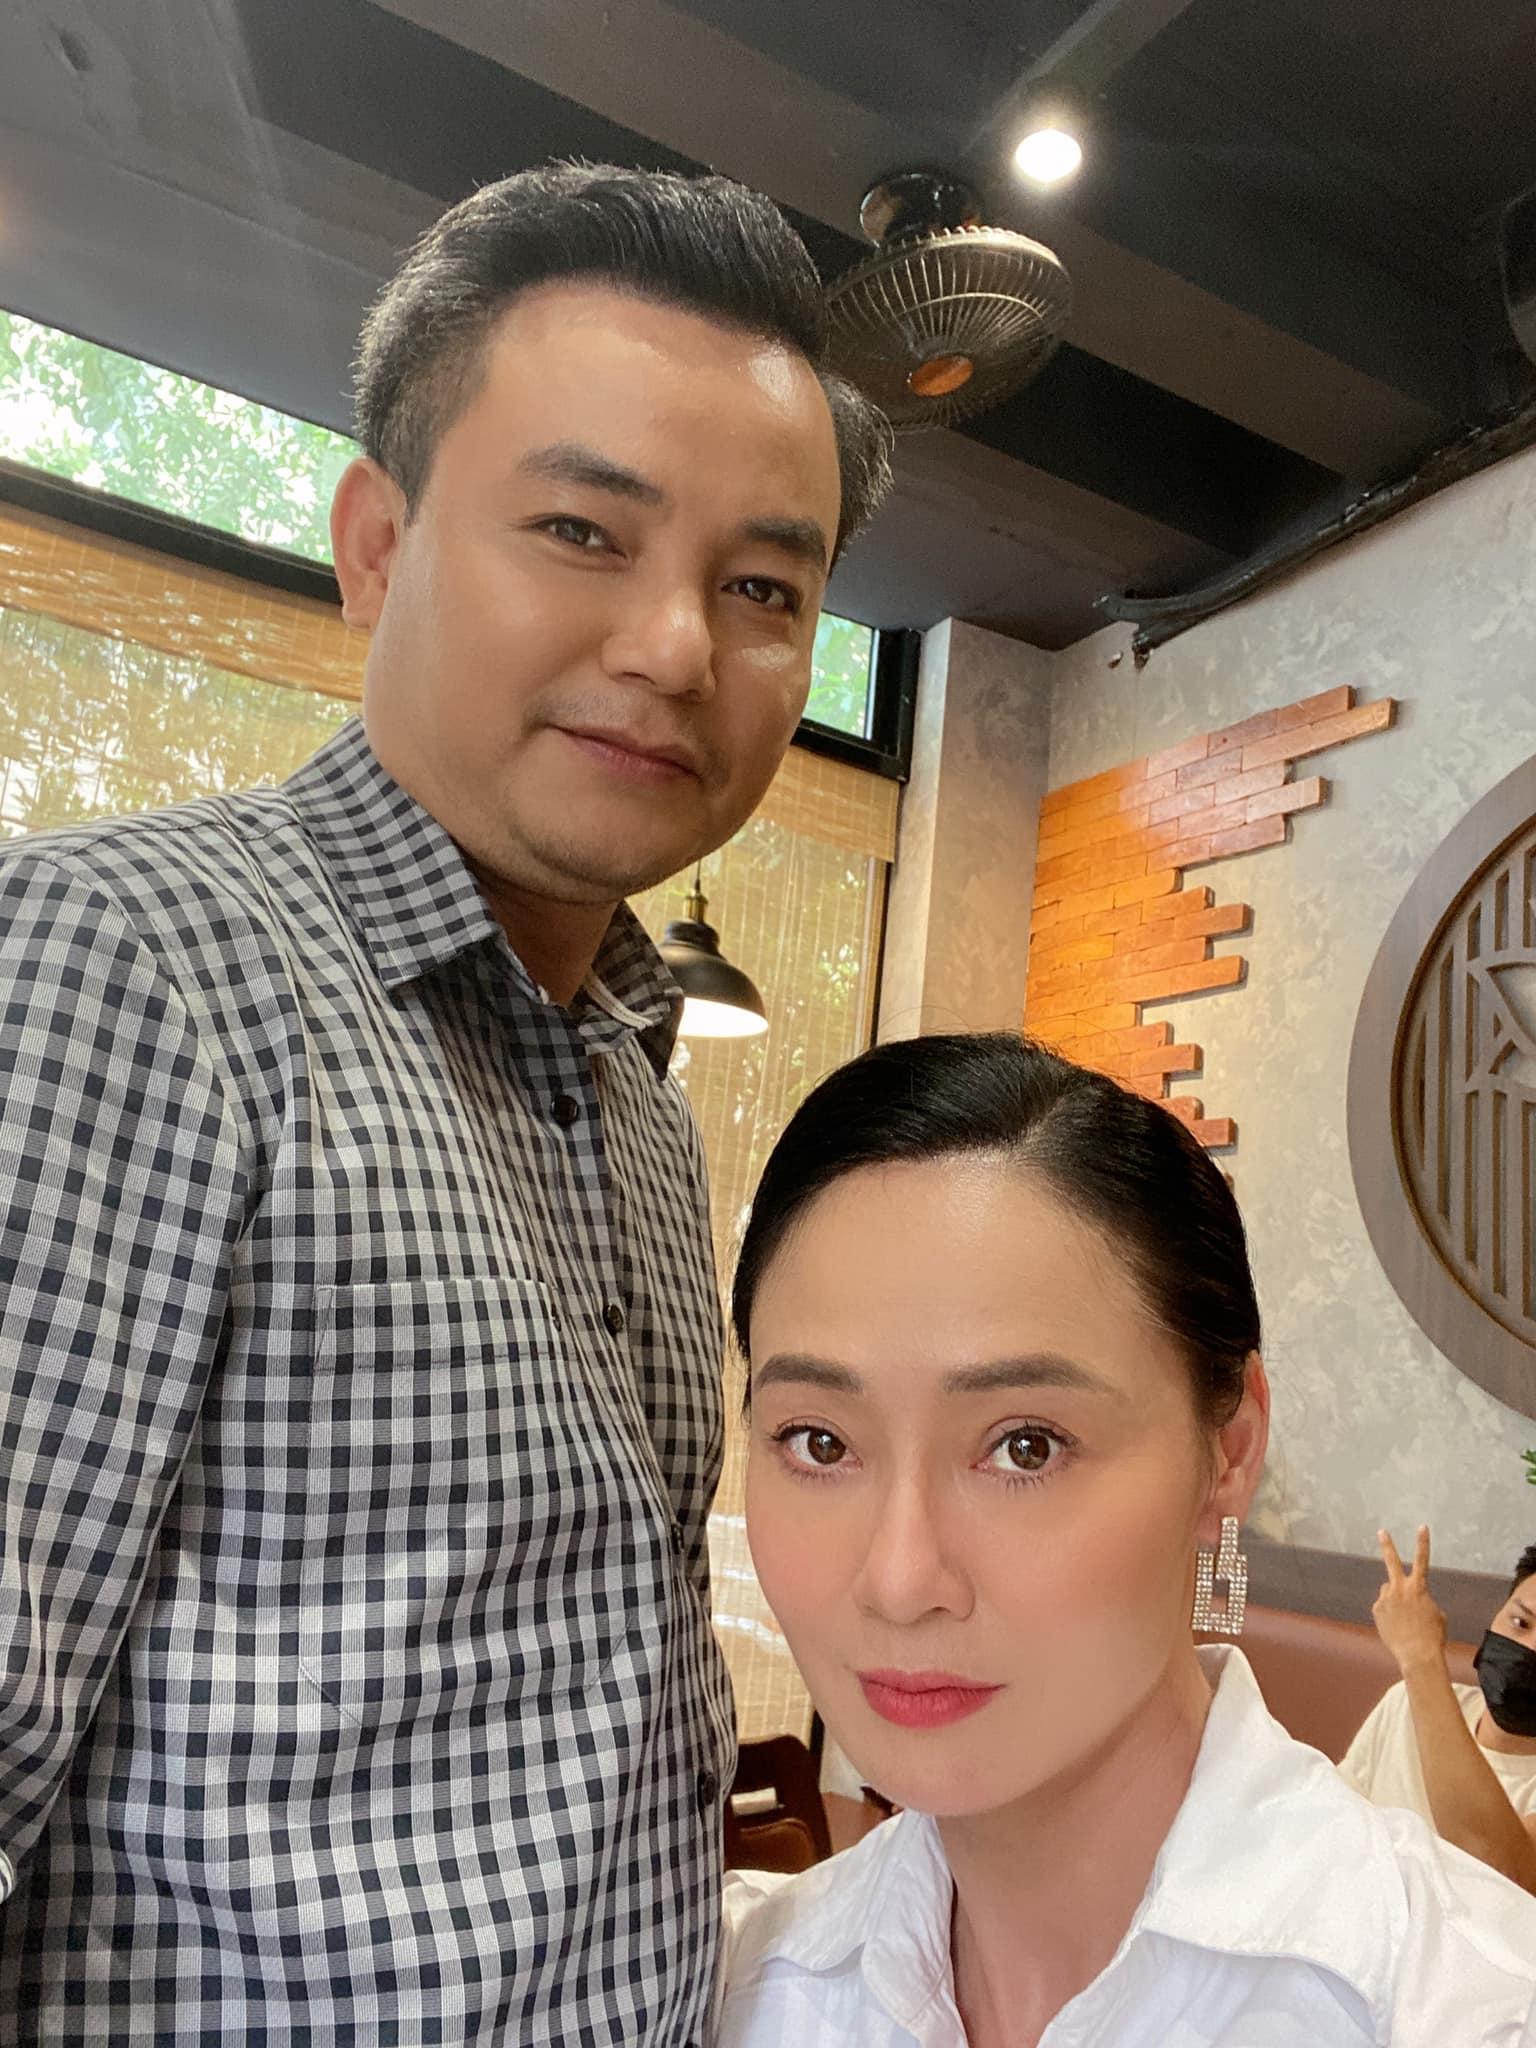 Tổng hợp ảnh hậu trường của 'Hương vị tình thân' chưa được lên sóng: Bà Xuân 'dằn mặt' bà Bích vì 'liếc mắt đưa tình'? 10